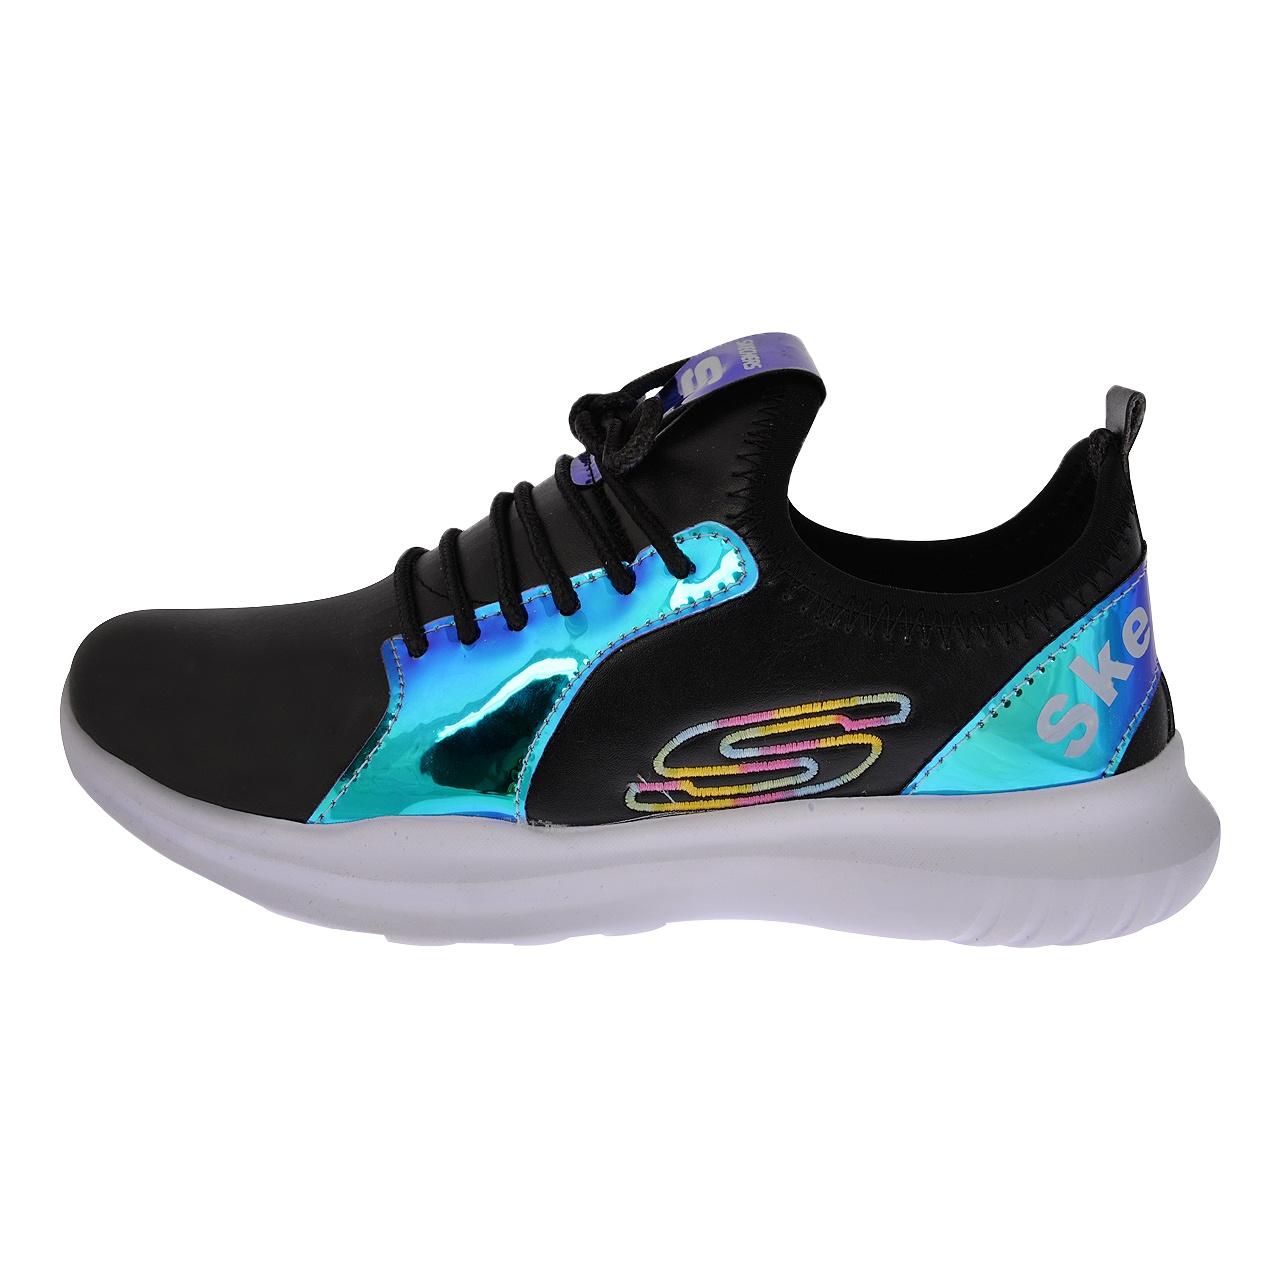 کفش راحتی زنانه کد 351003813